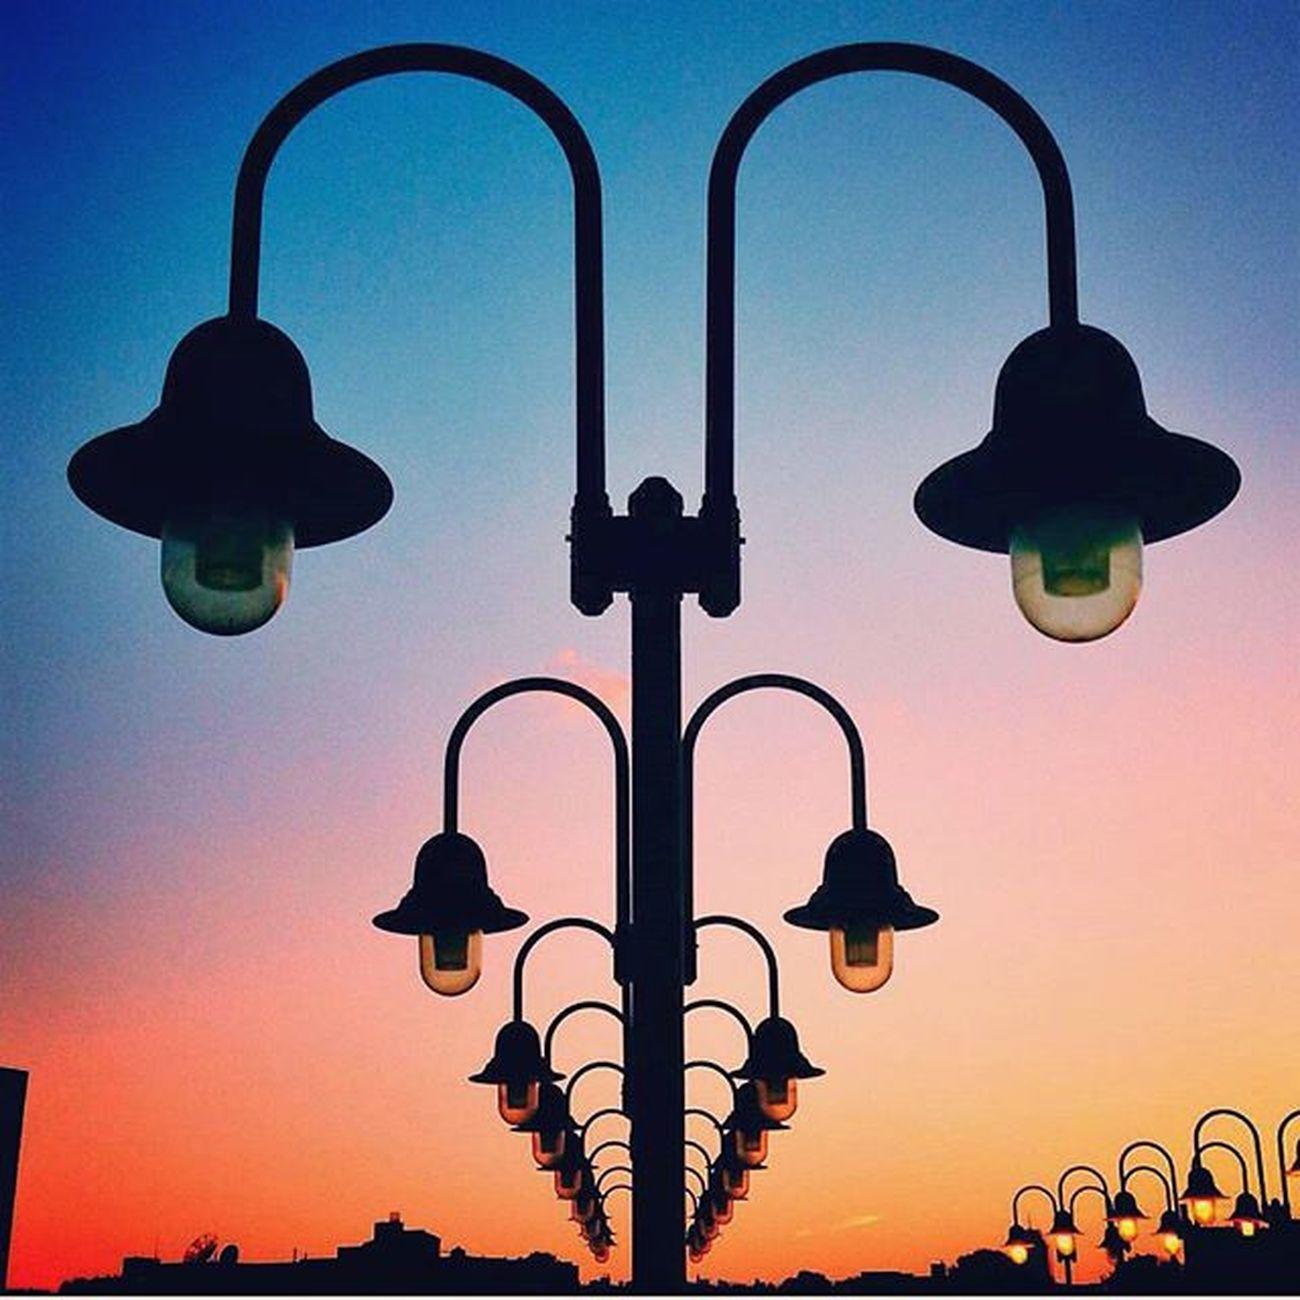 The beauty of nature Capture Sunset_sunrise_aroundtheworld Thecolors Lamps wonderful eveningcolors synchronicity